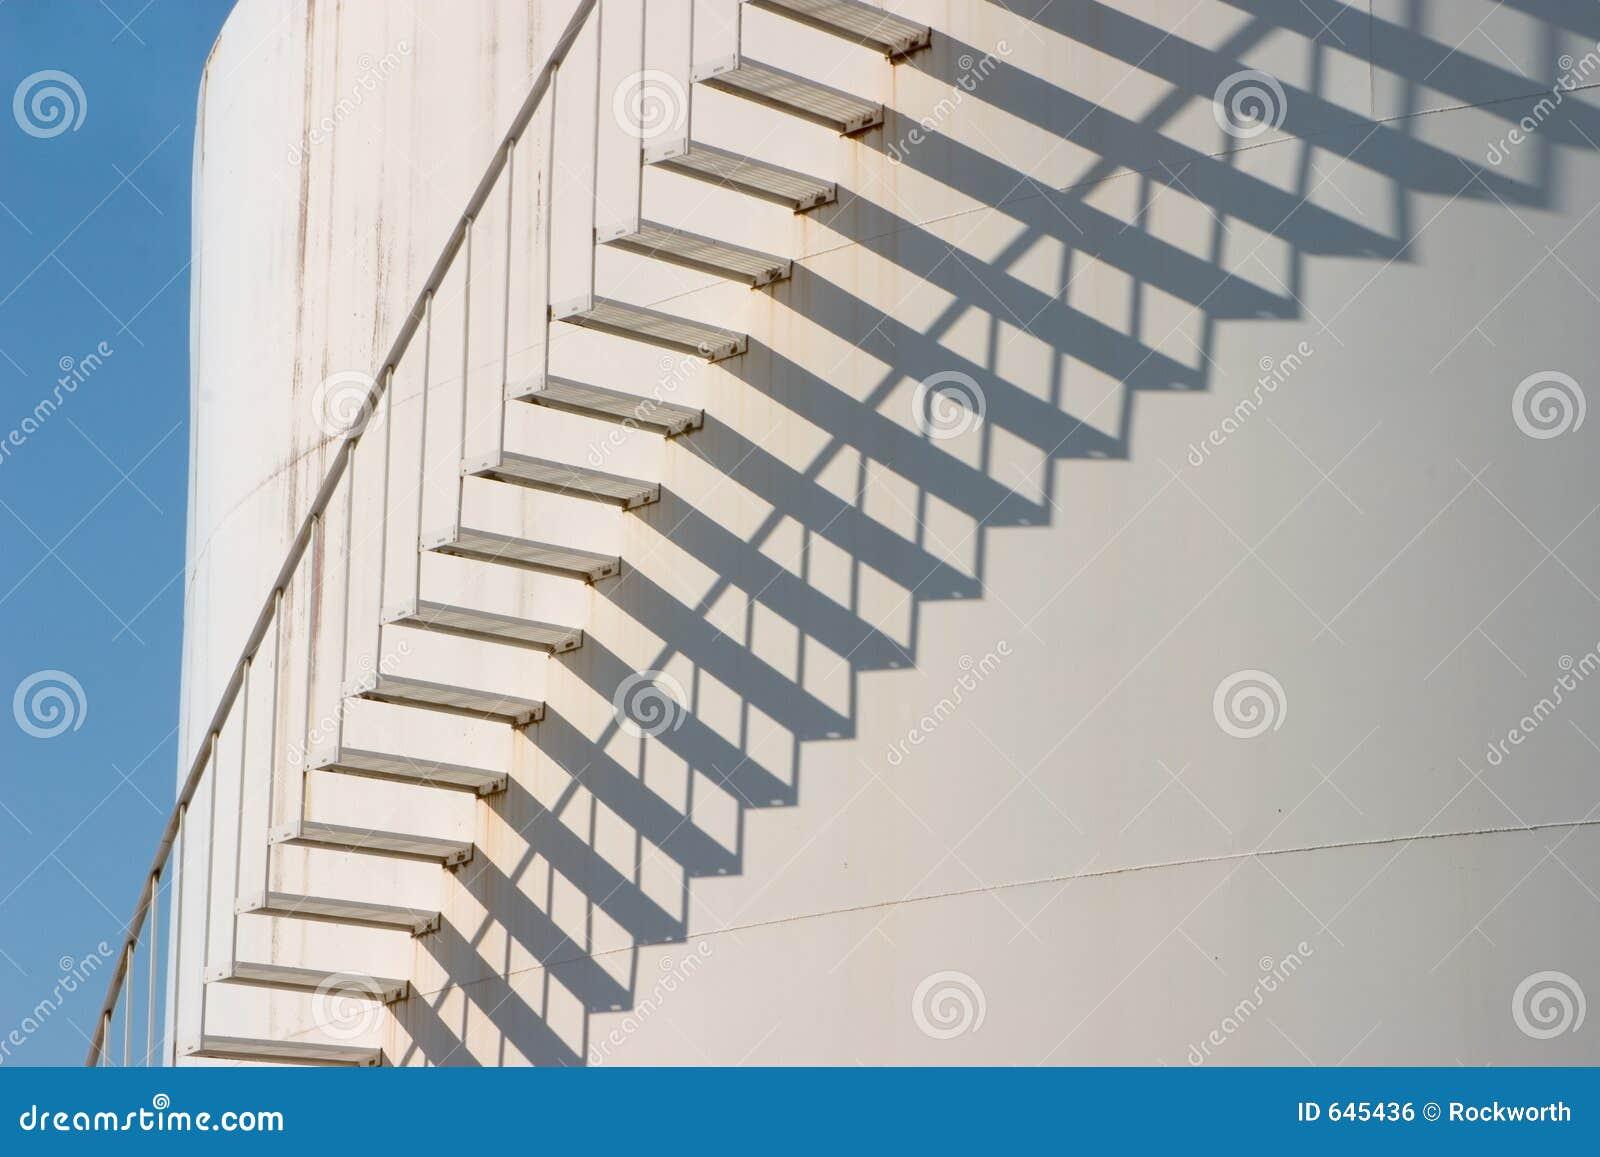 schatten und treppen in der farbe stockfoto - bild von verfallen